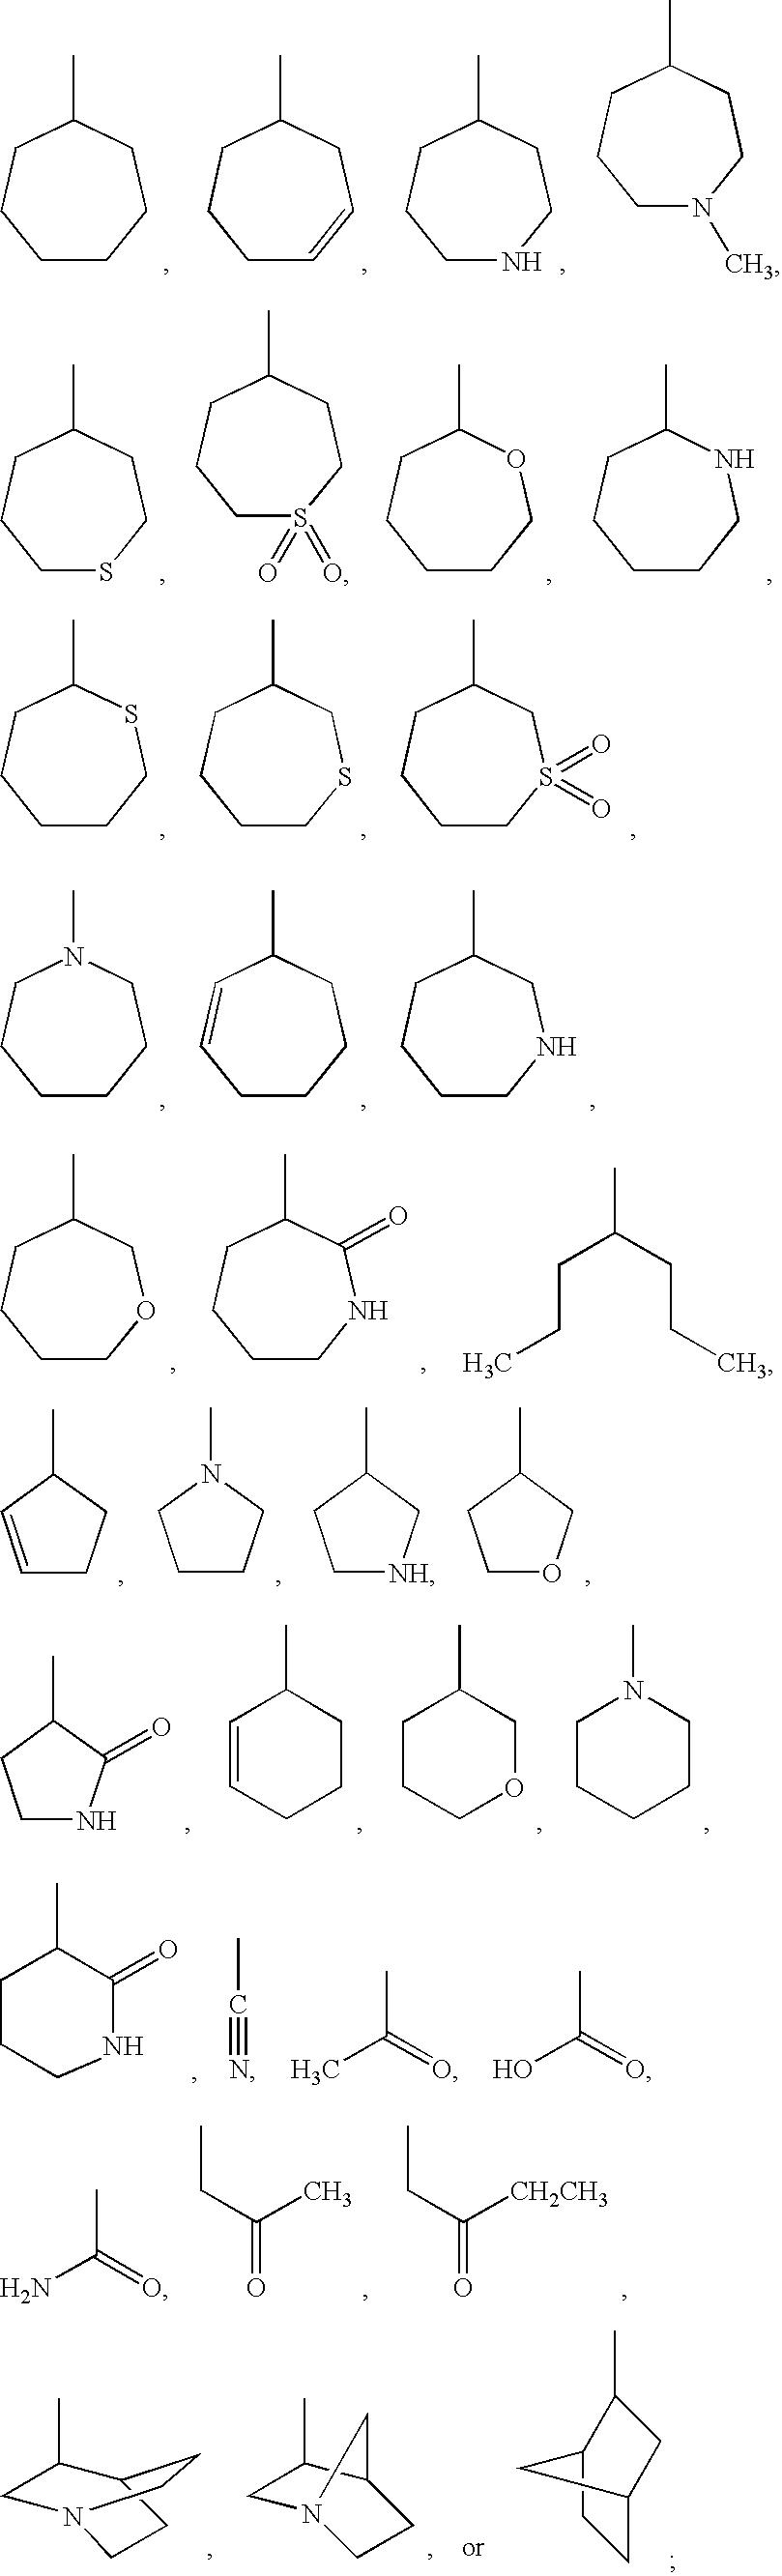 Figure US20050113341A1-20050526-C00064